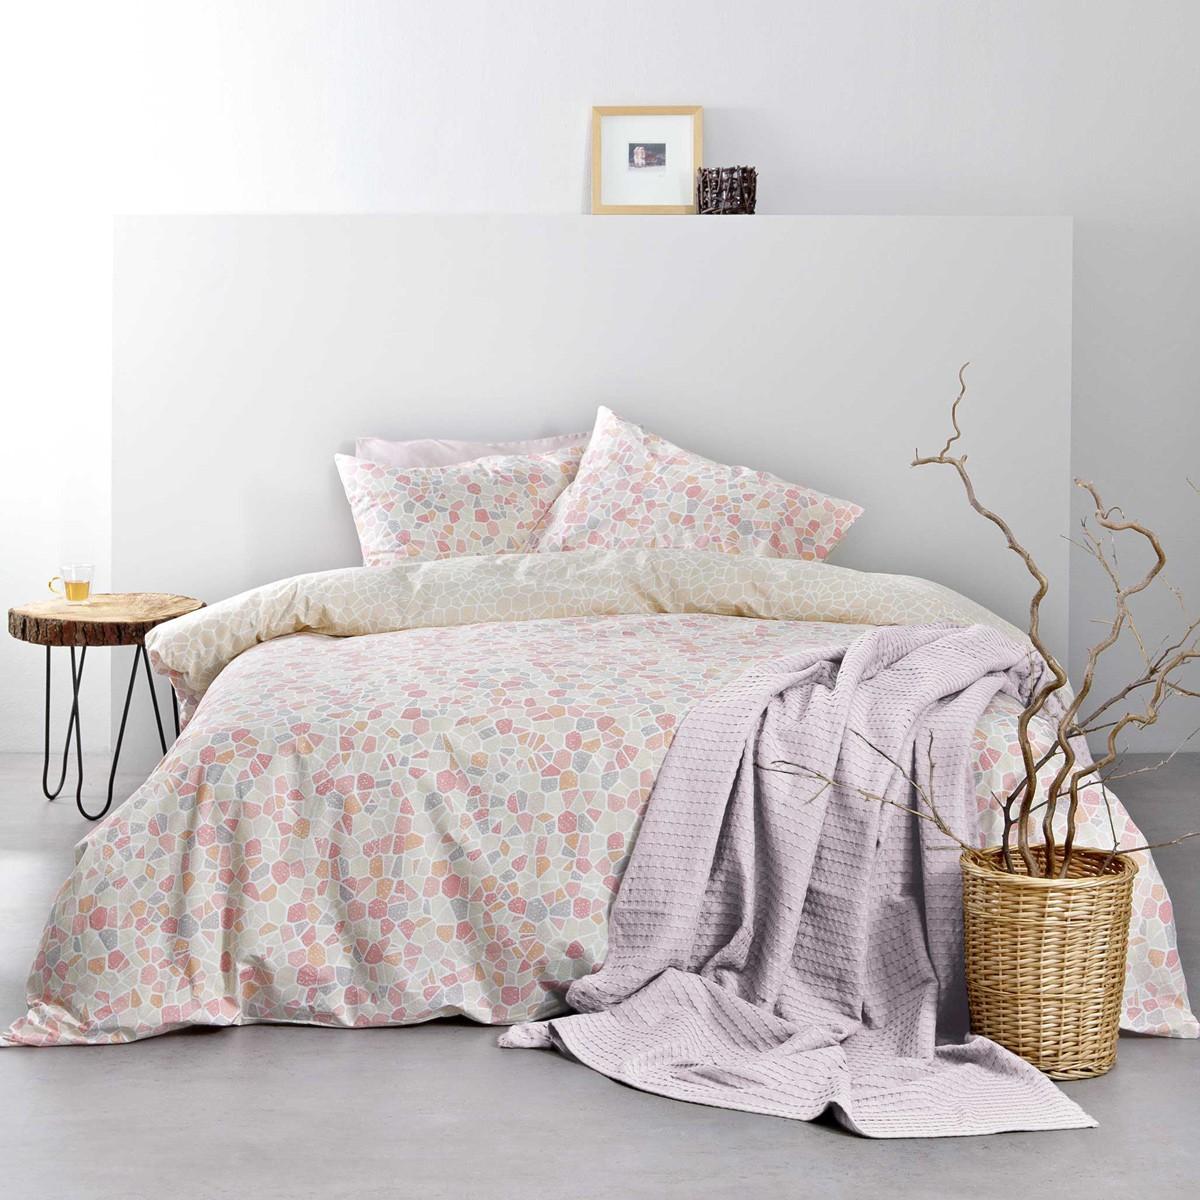 Κουβερλί Υπέρδιπλο Nima Bed Linen Boracay Pink